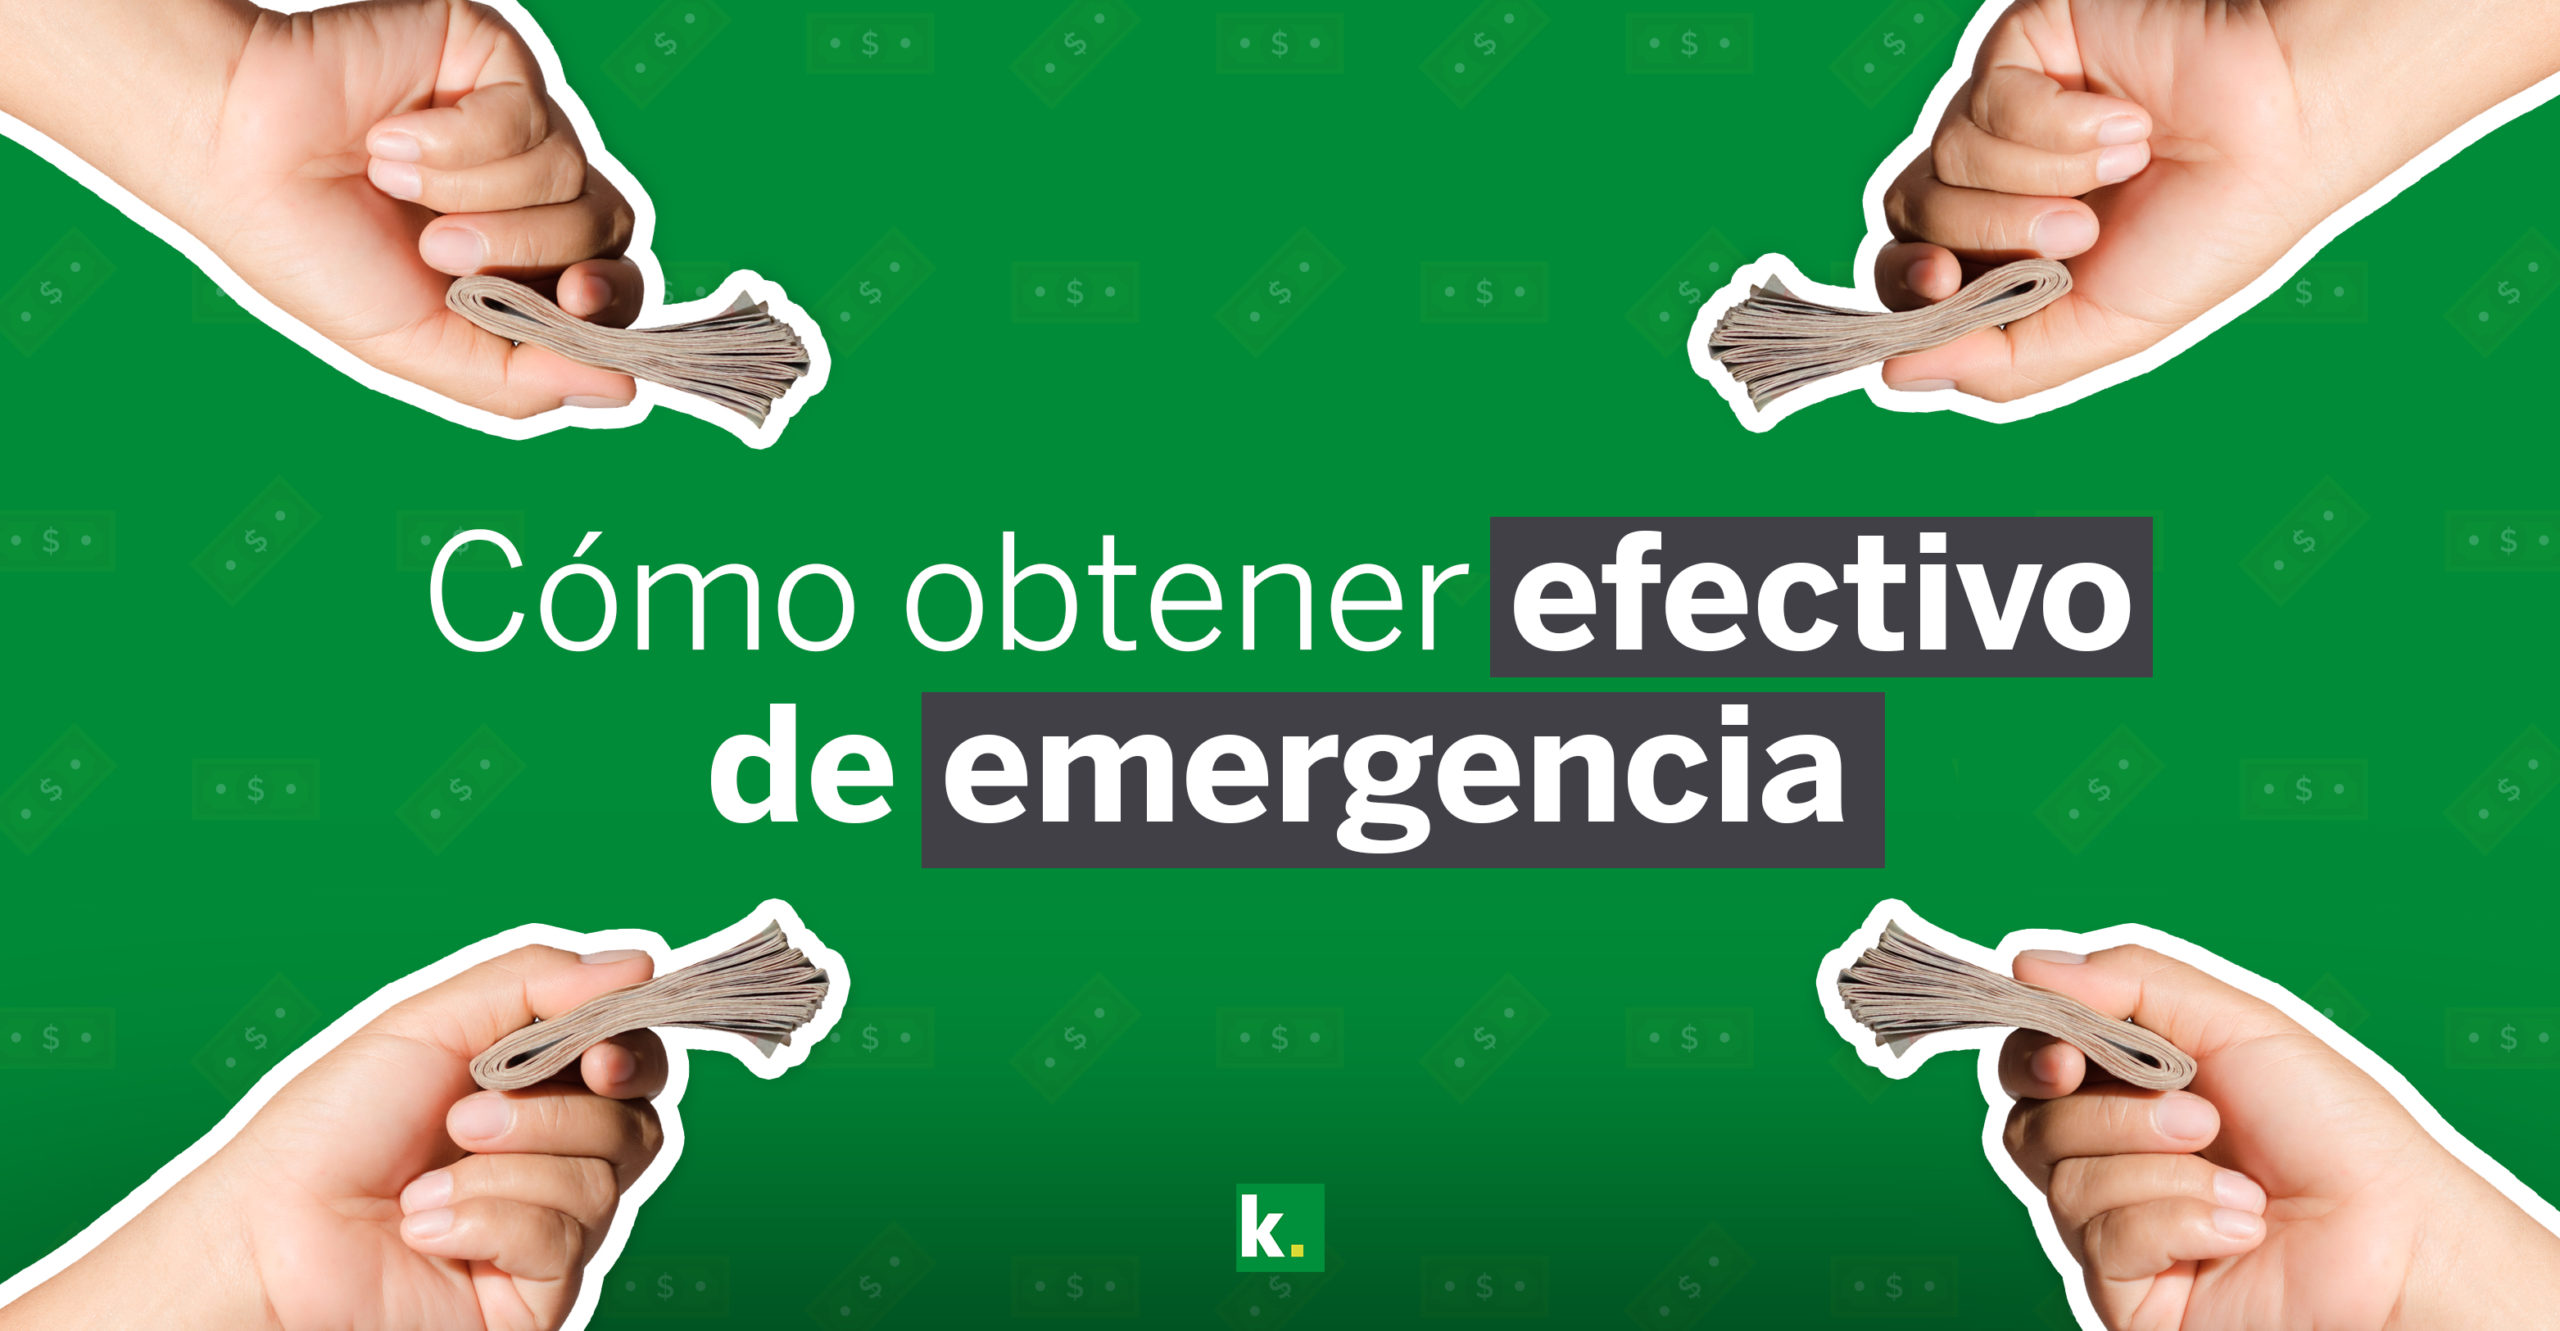 Cómo obtener efectivo de emergencia